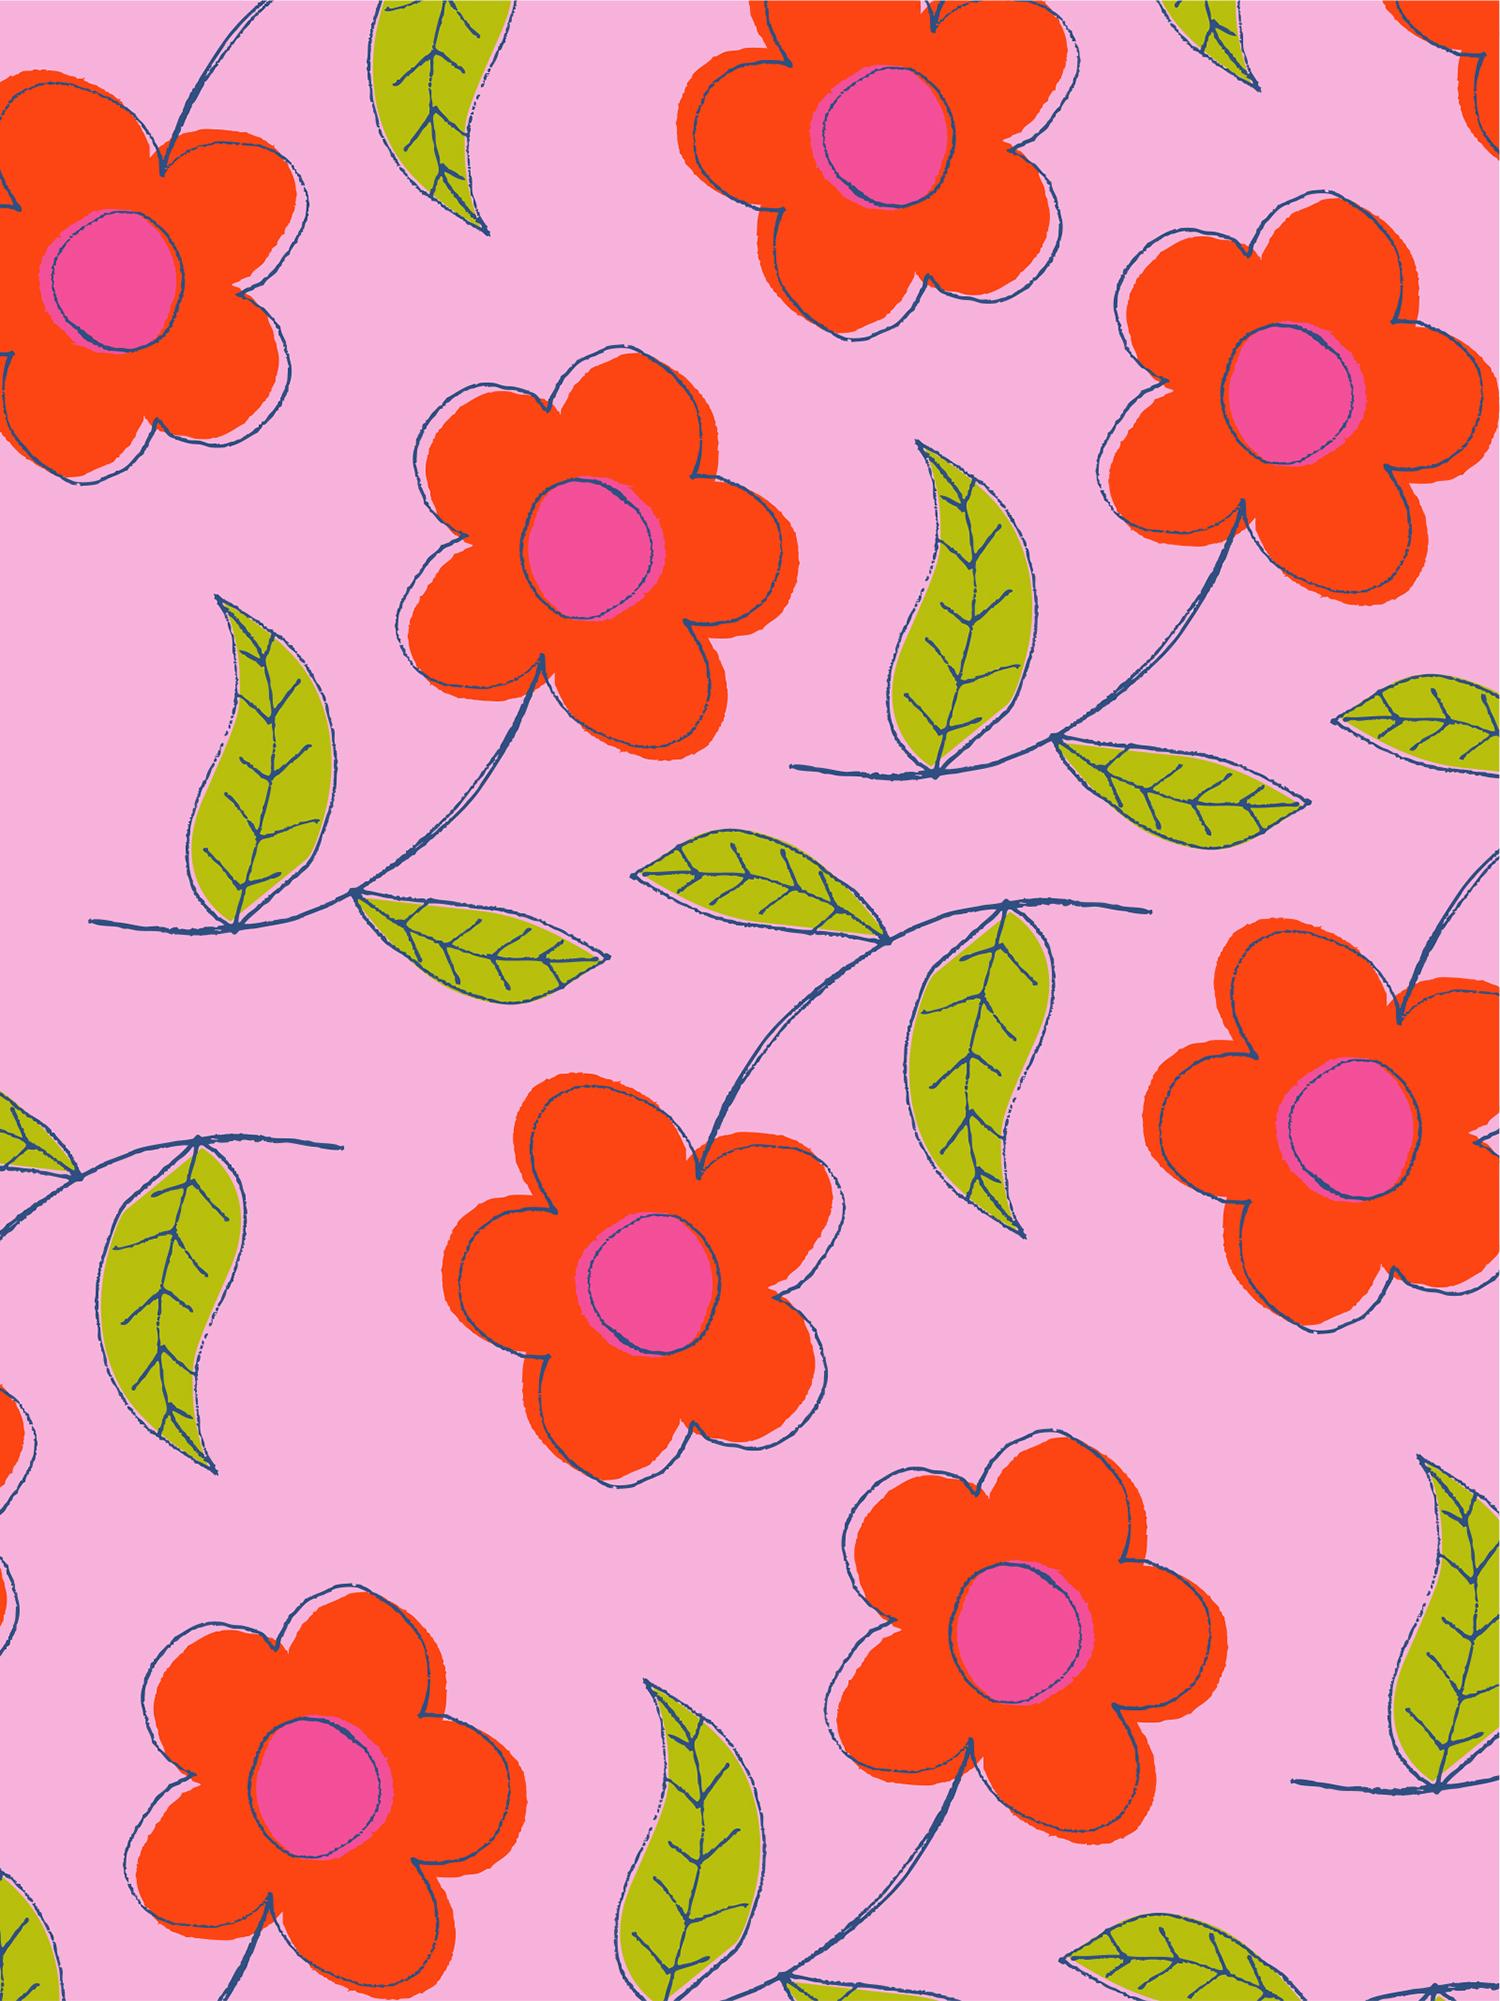 jami_darwin_blossoms.jpg